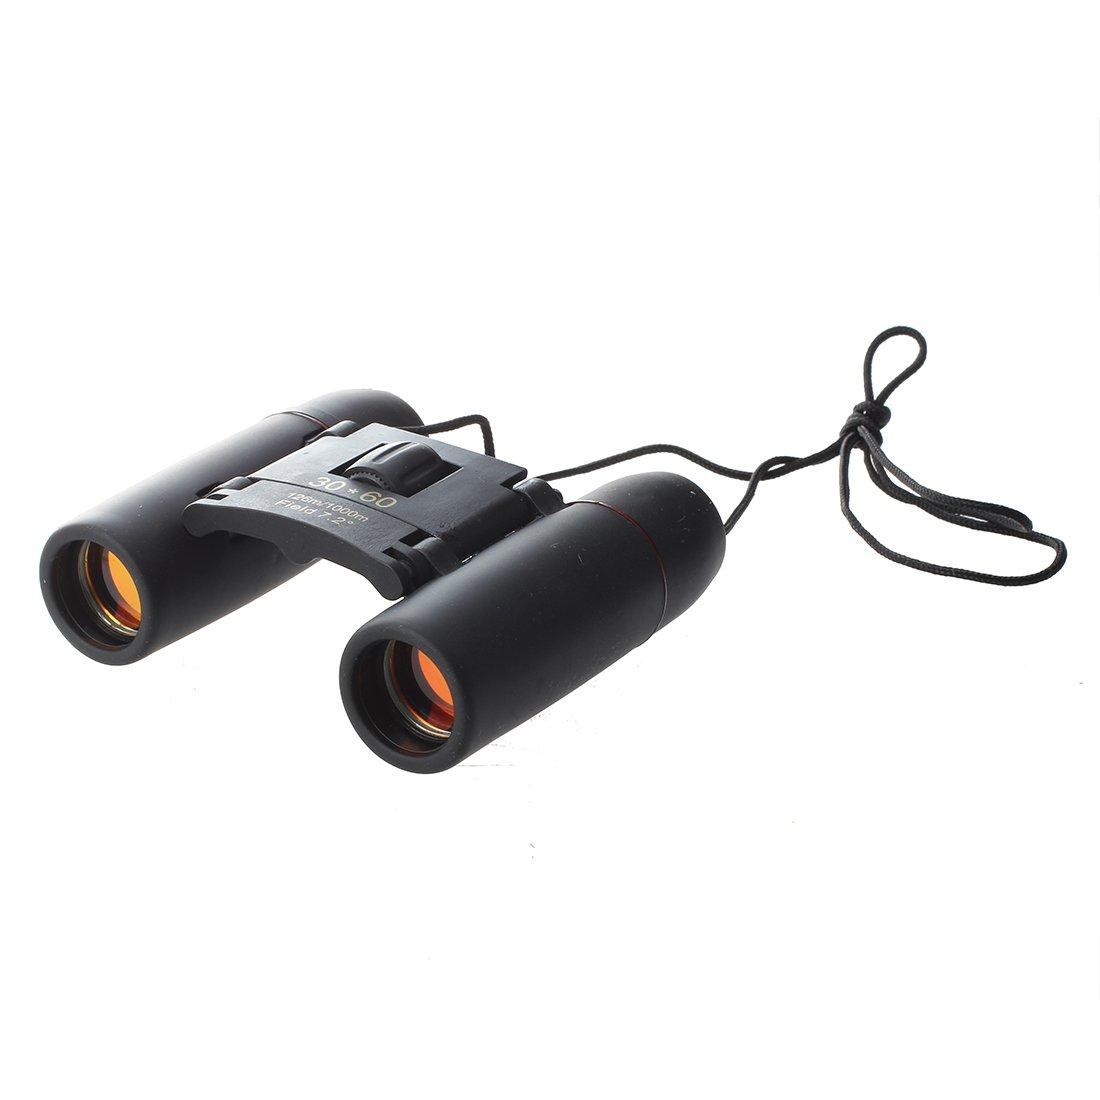 30X60 Bolsillo Zoom Mini telescopio binoculares plegable Dia Vision R TOOGOO